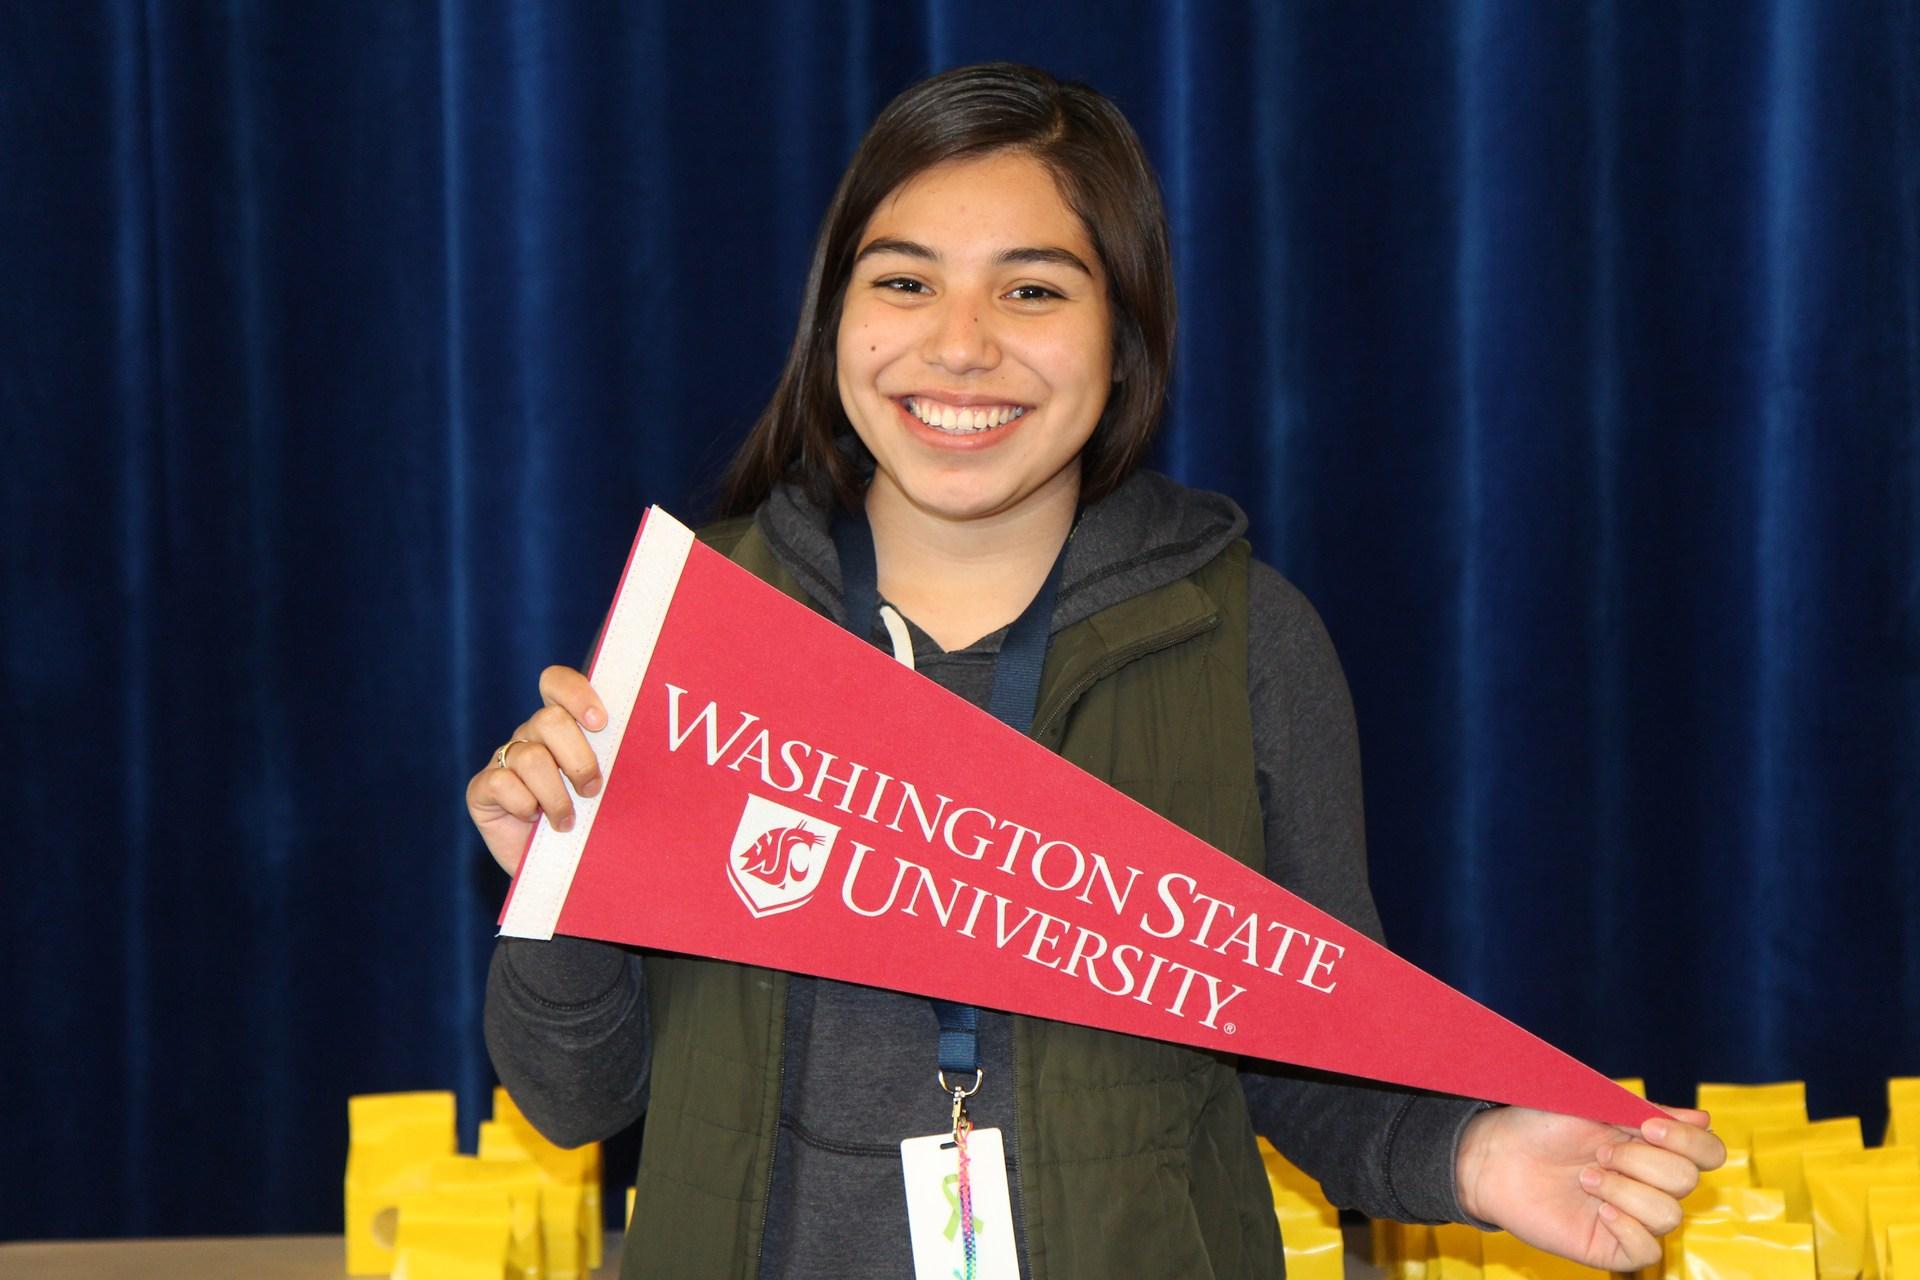 Carolina Garcia-Melendrez-Wapato High School class of 2017